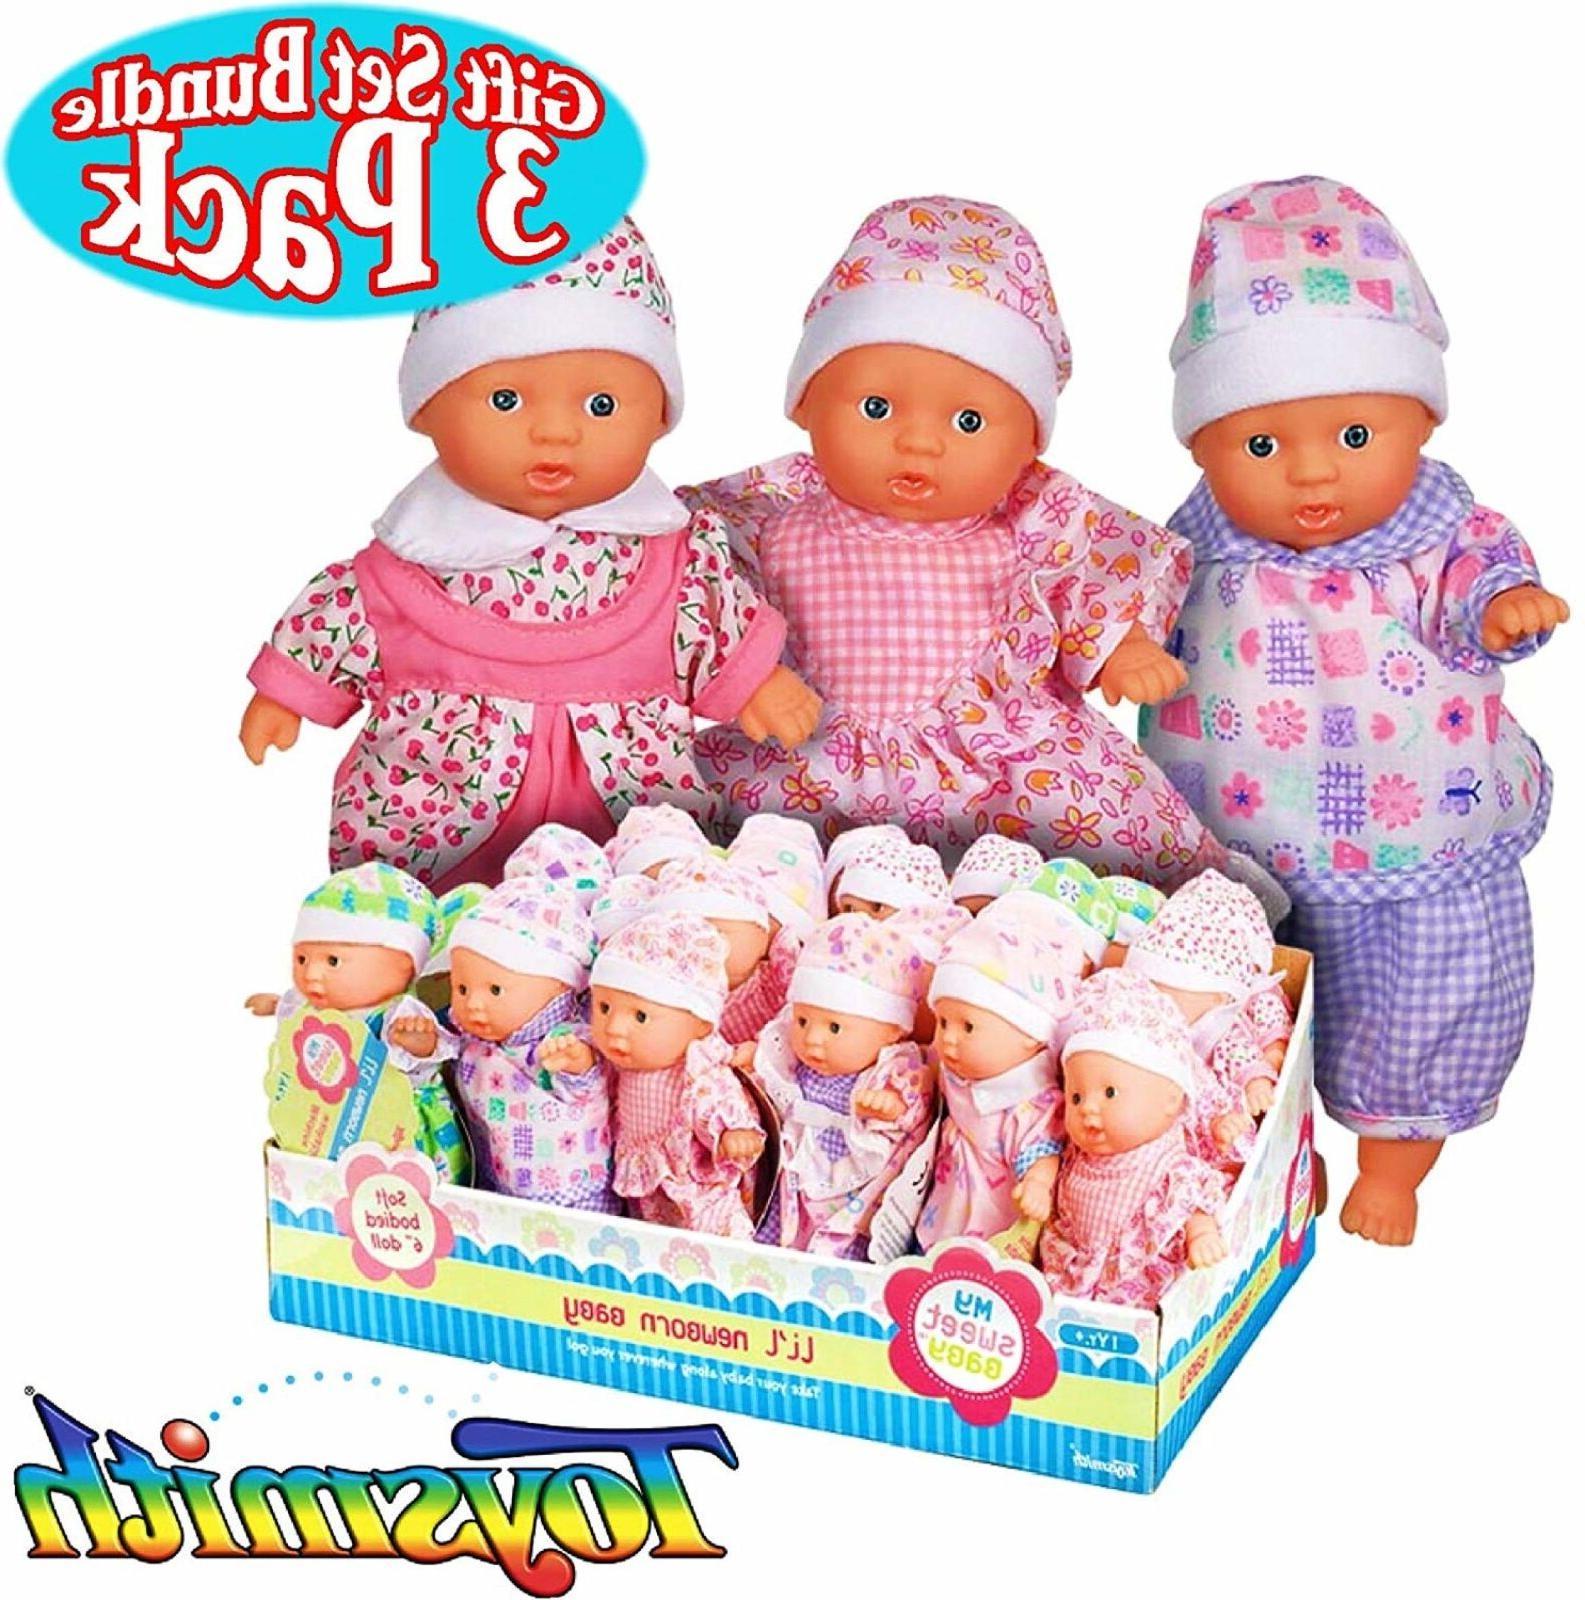 lil newborn mini baby dolls 6 inch